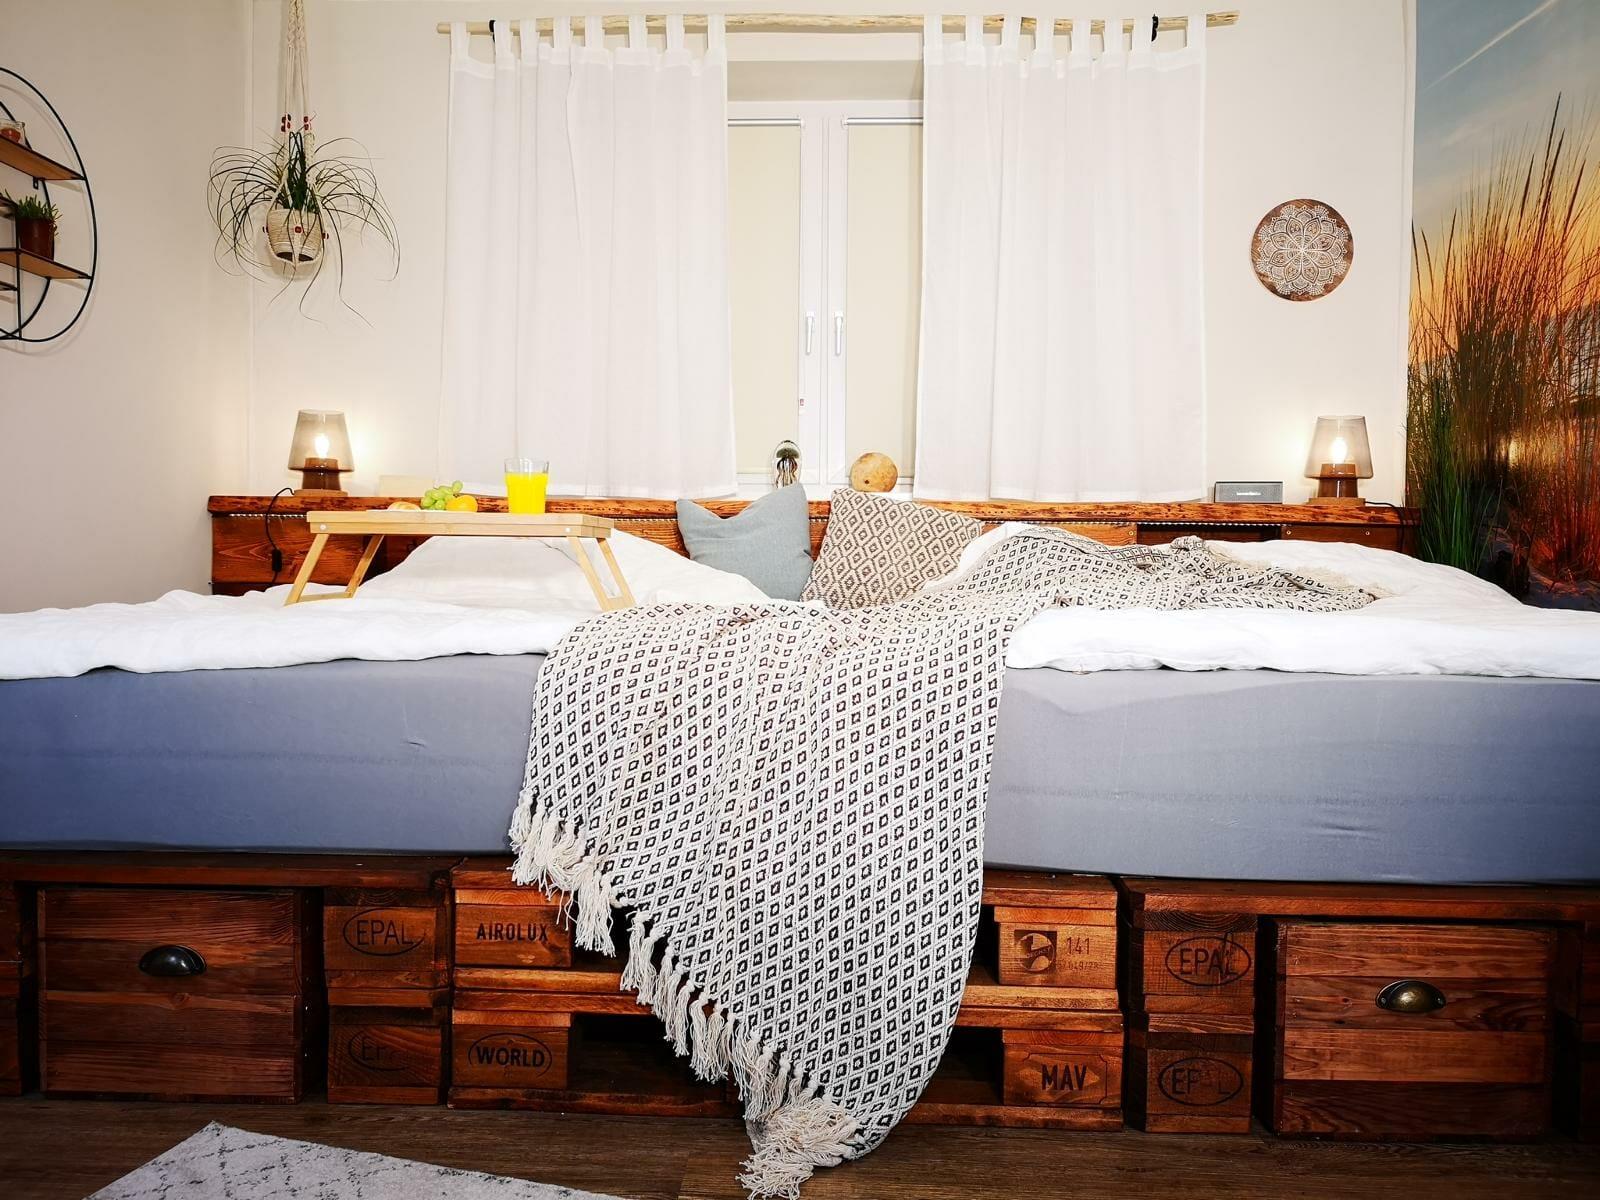 Full Size of Bettkasten Bauen Palettenbett Selber Kaufen Europaletten Betten Bett Mit 140x200 120x200 Fenster Einbauen 180x200 Sofa Küche 160x200 90x200 Rolladen Wohnzimmer Bettkasten Bauen